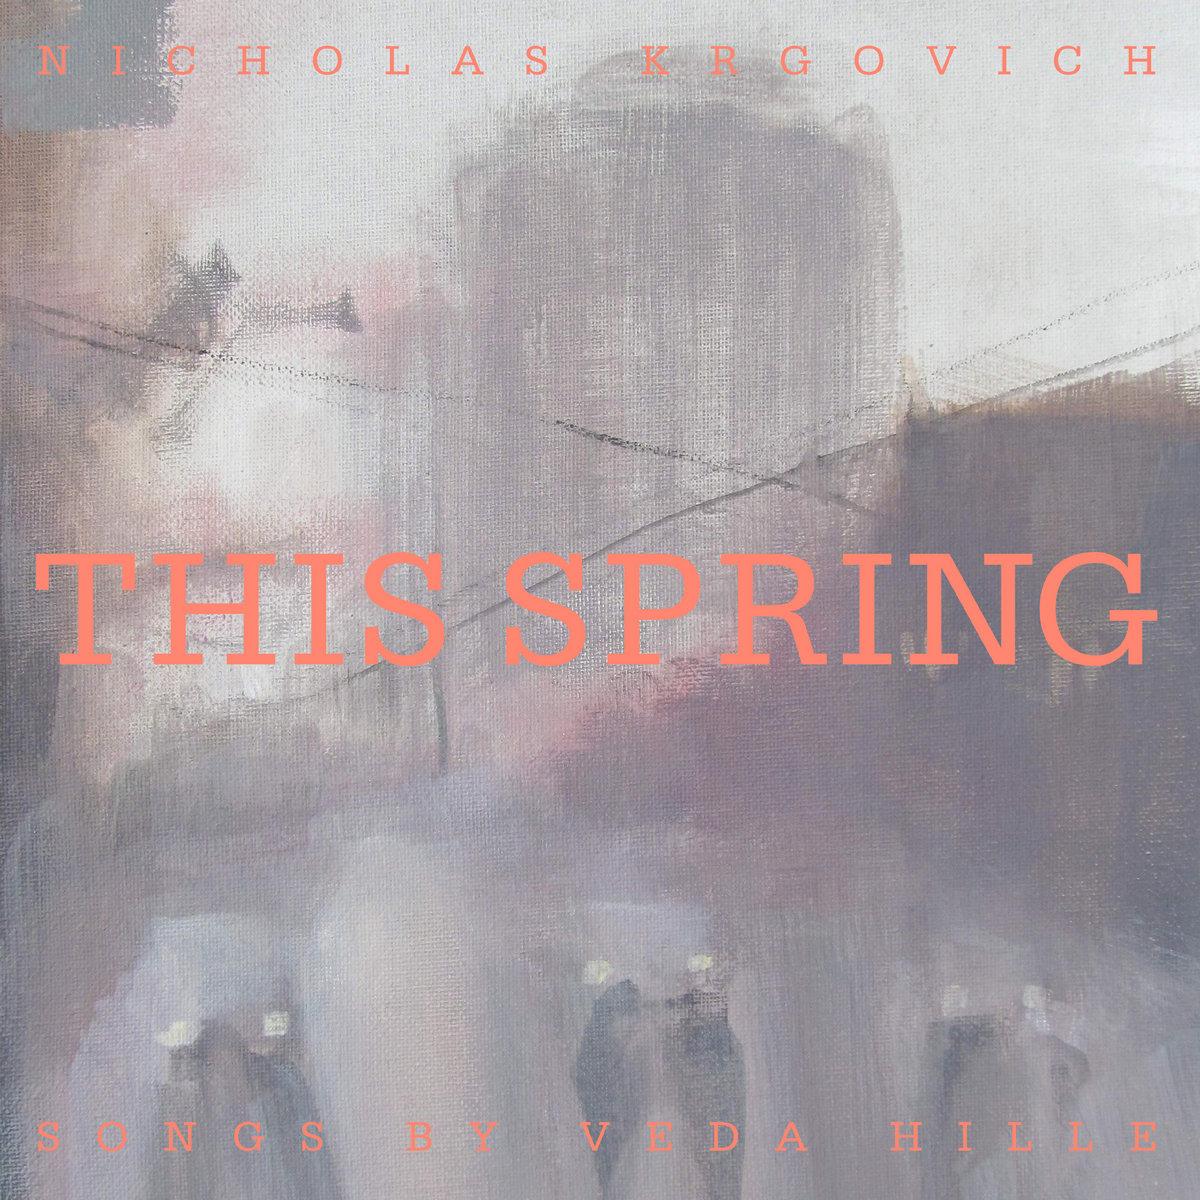 Nicholas Krgovich This Spring